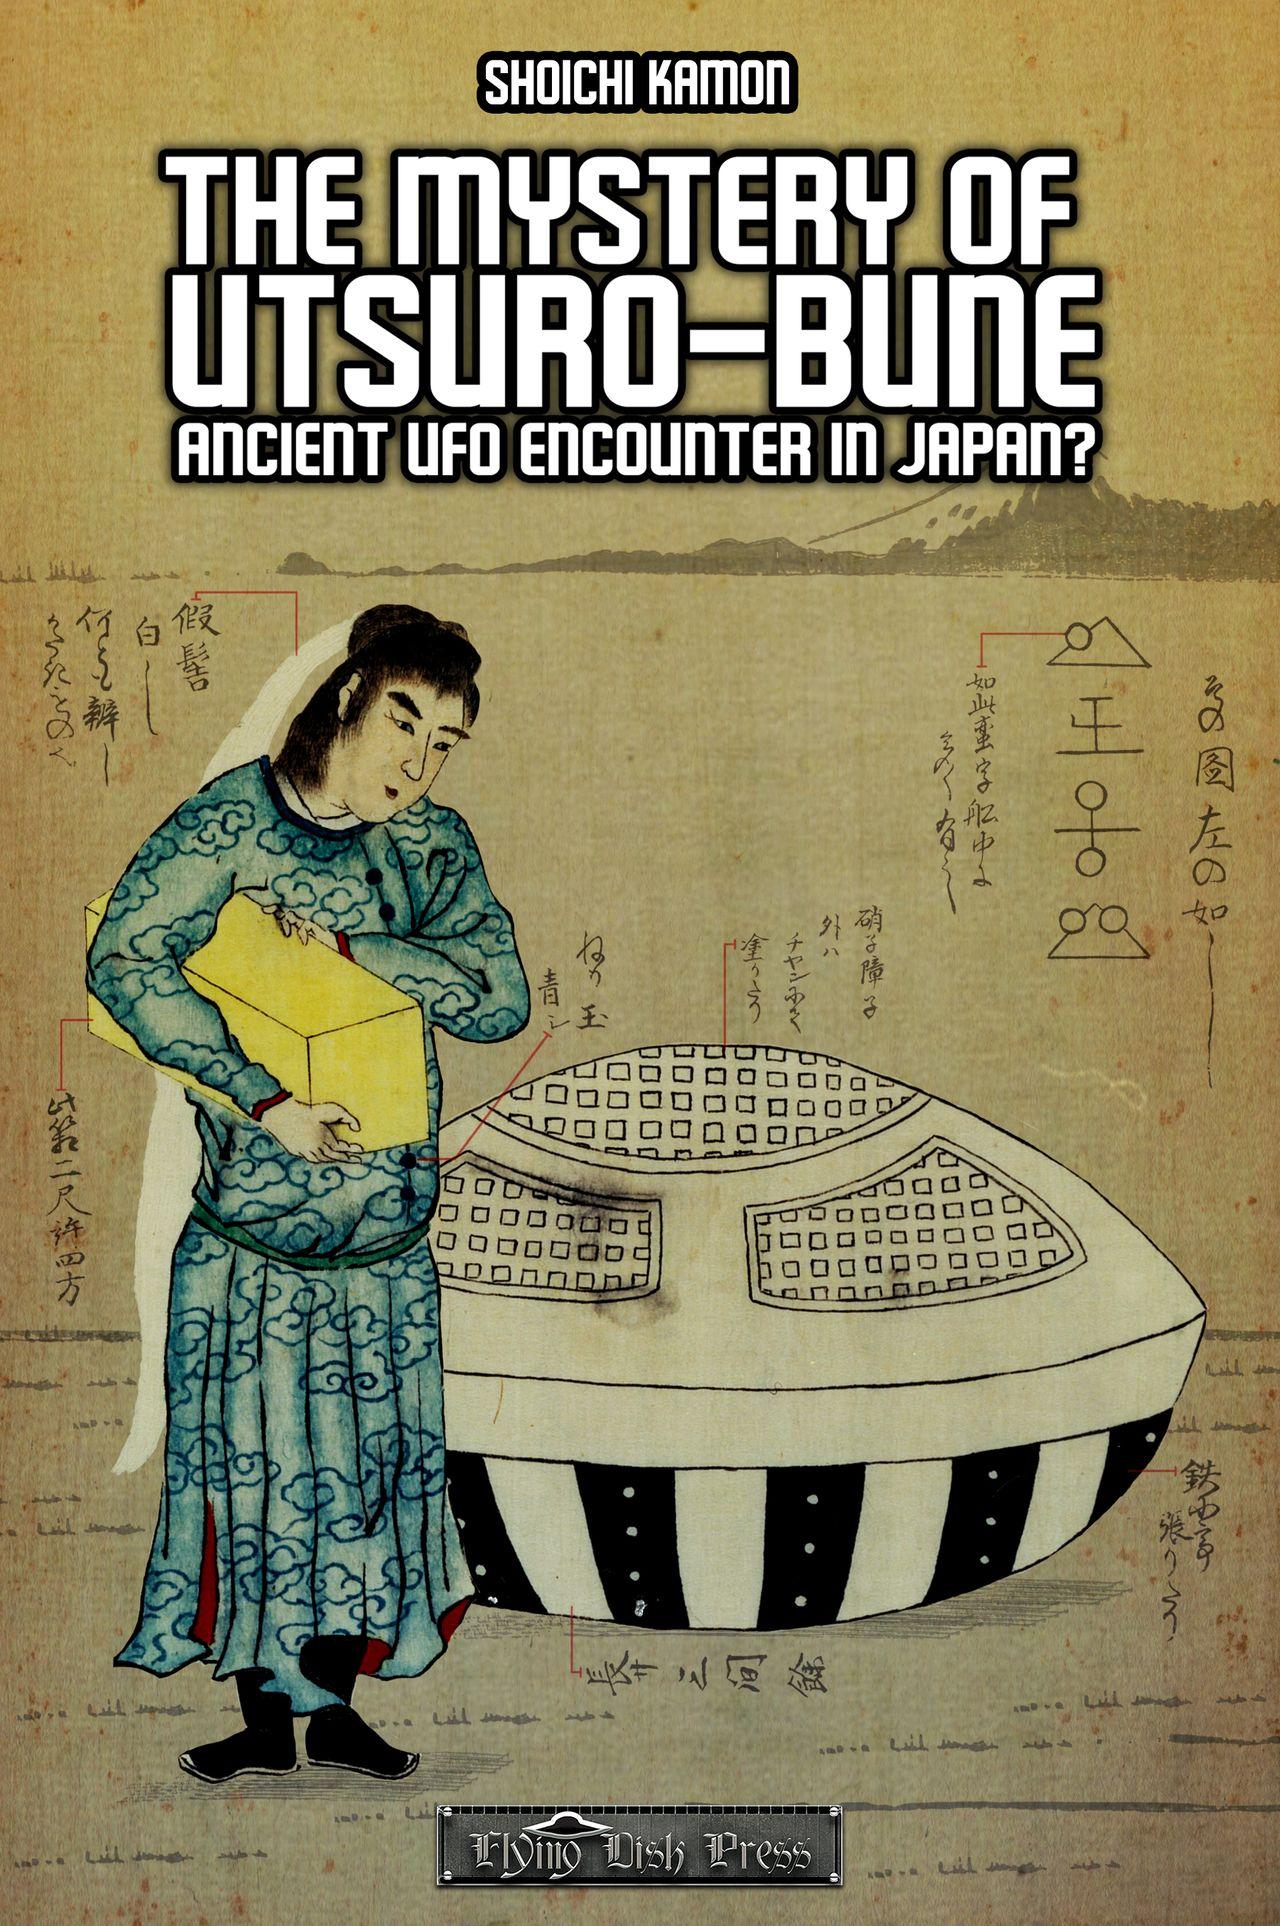 Mémoire de recherche publié en anglais par Tanaka Kazuo. La couverture est tirée du Roman du jardin des lapins, de 1825.